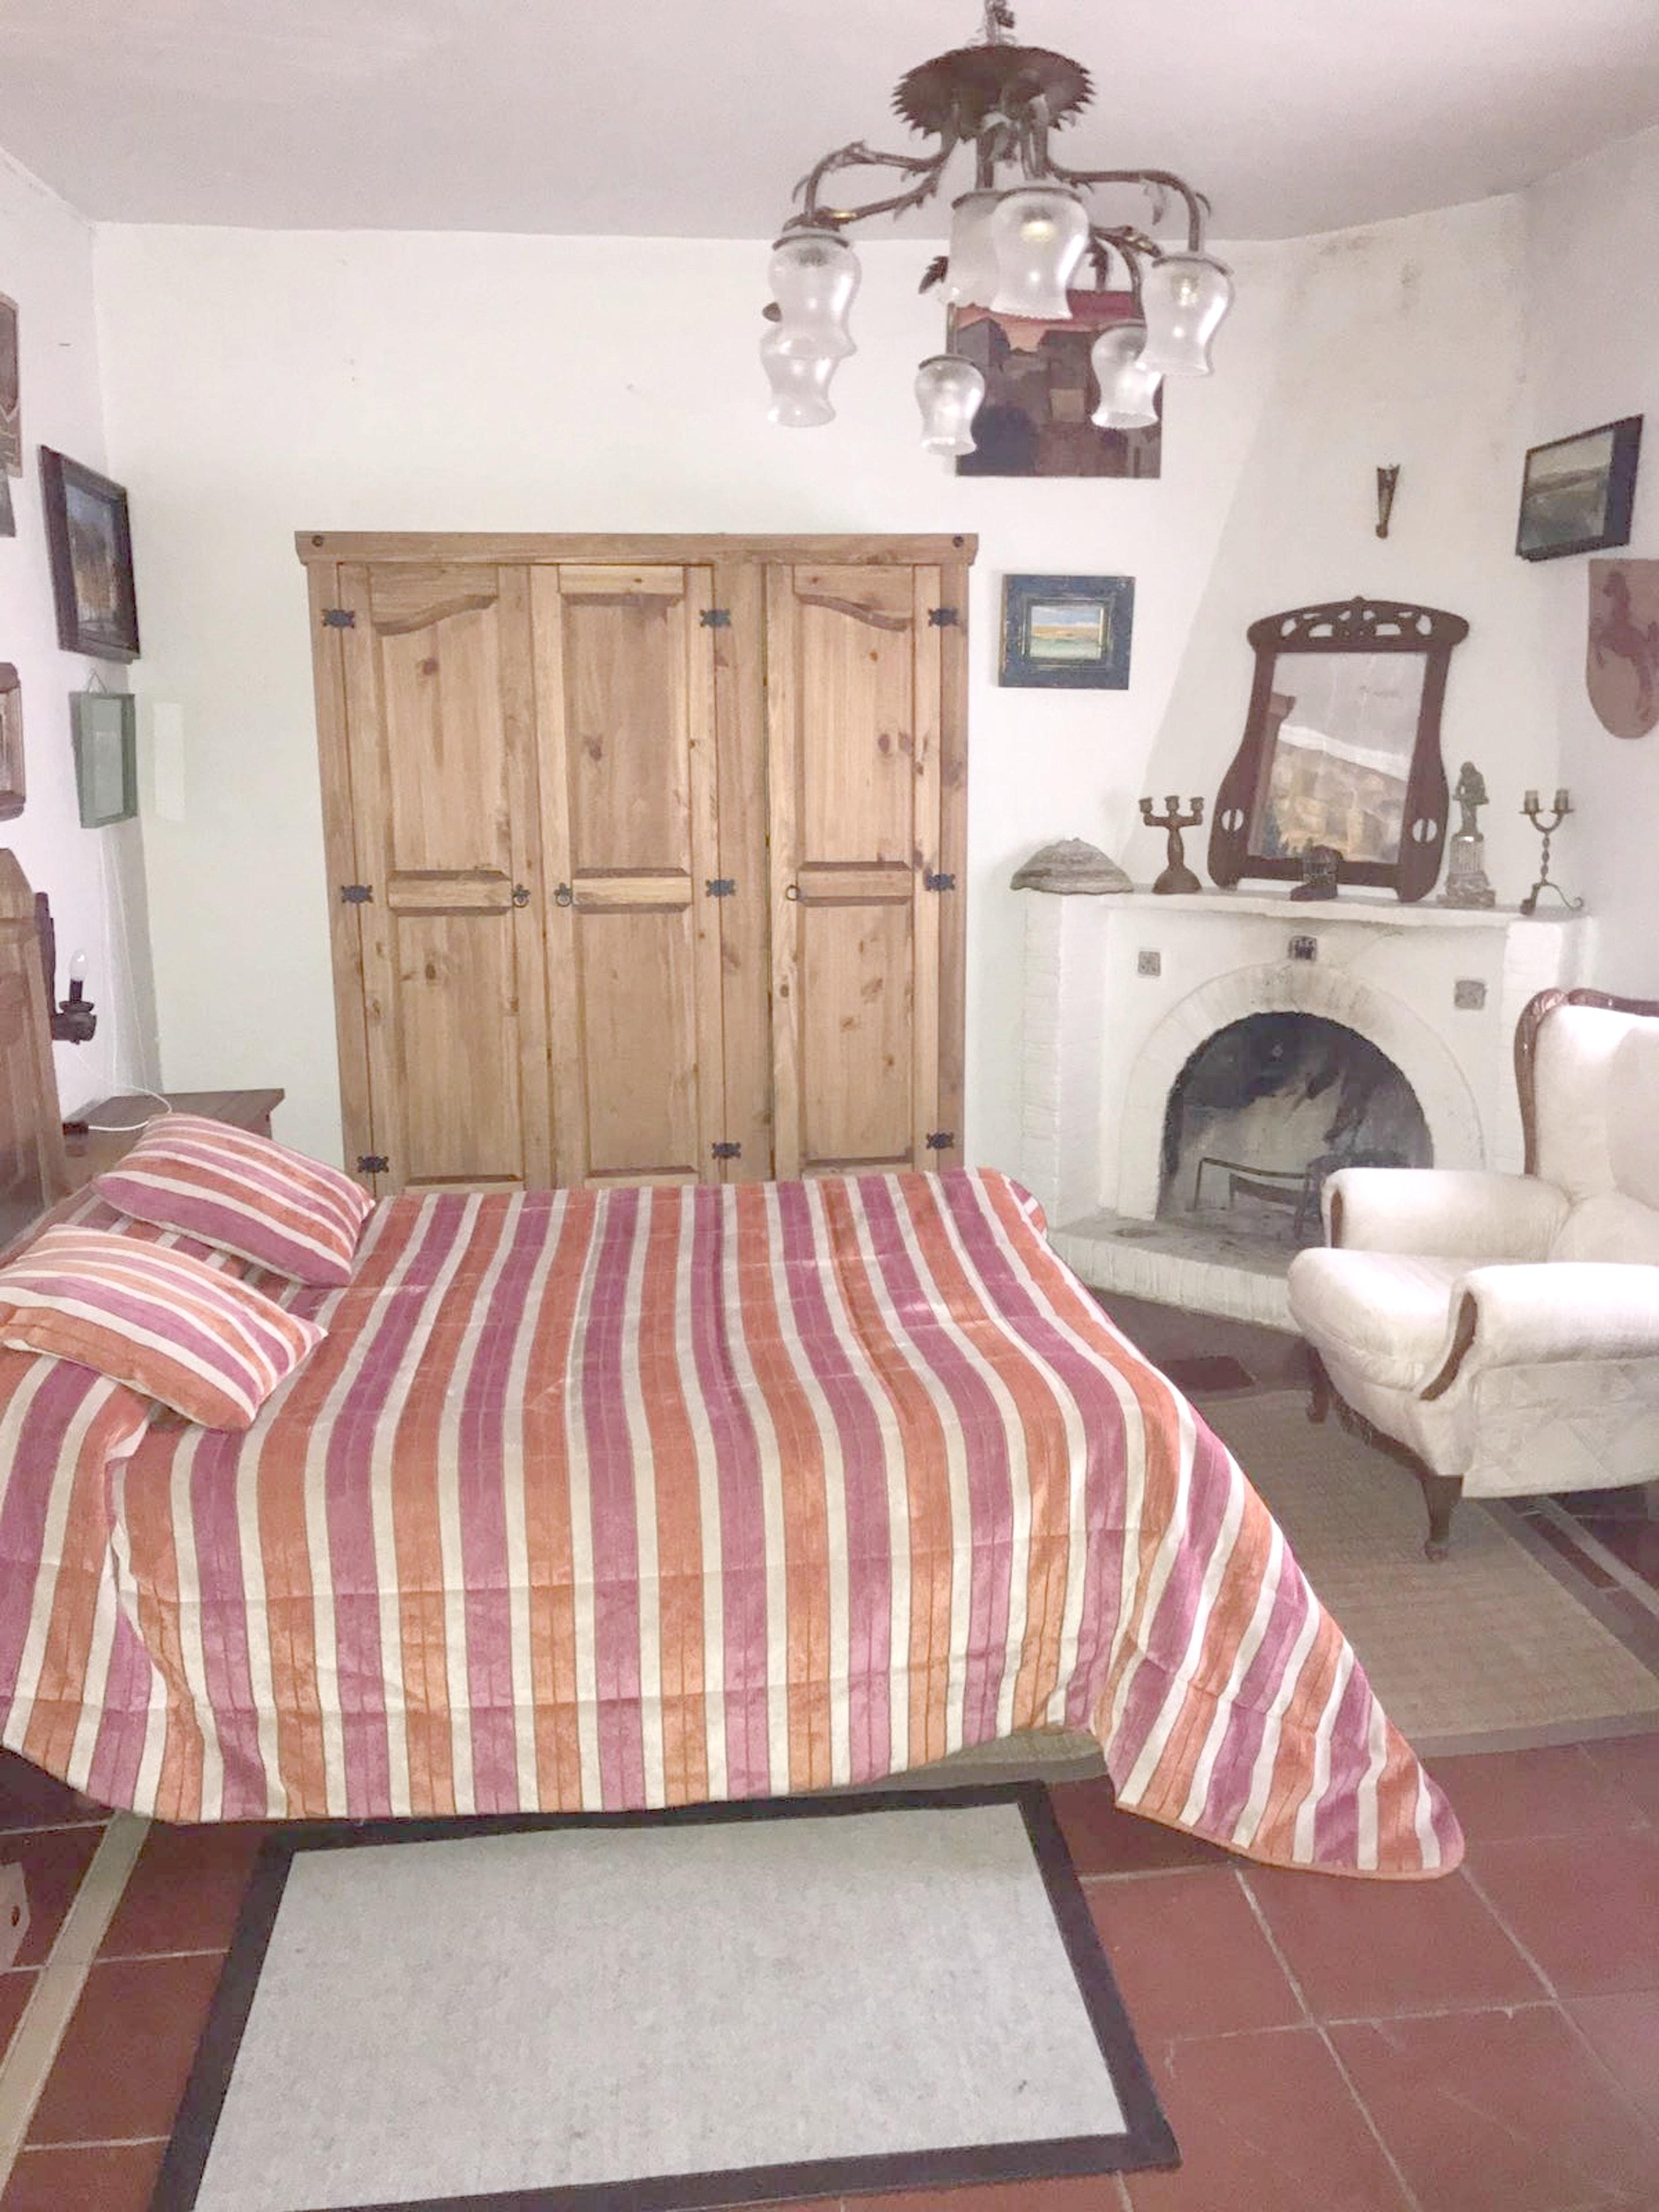 Ferienhaus Haus mit 7 Schlafzimmern in Burguillos de Toledo mit privatem Pool und eingezäuntem Garten (2299203), Burguillos de Toledo, Toledo, Kastilien-La Mancha, Spanien, Bild 10